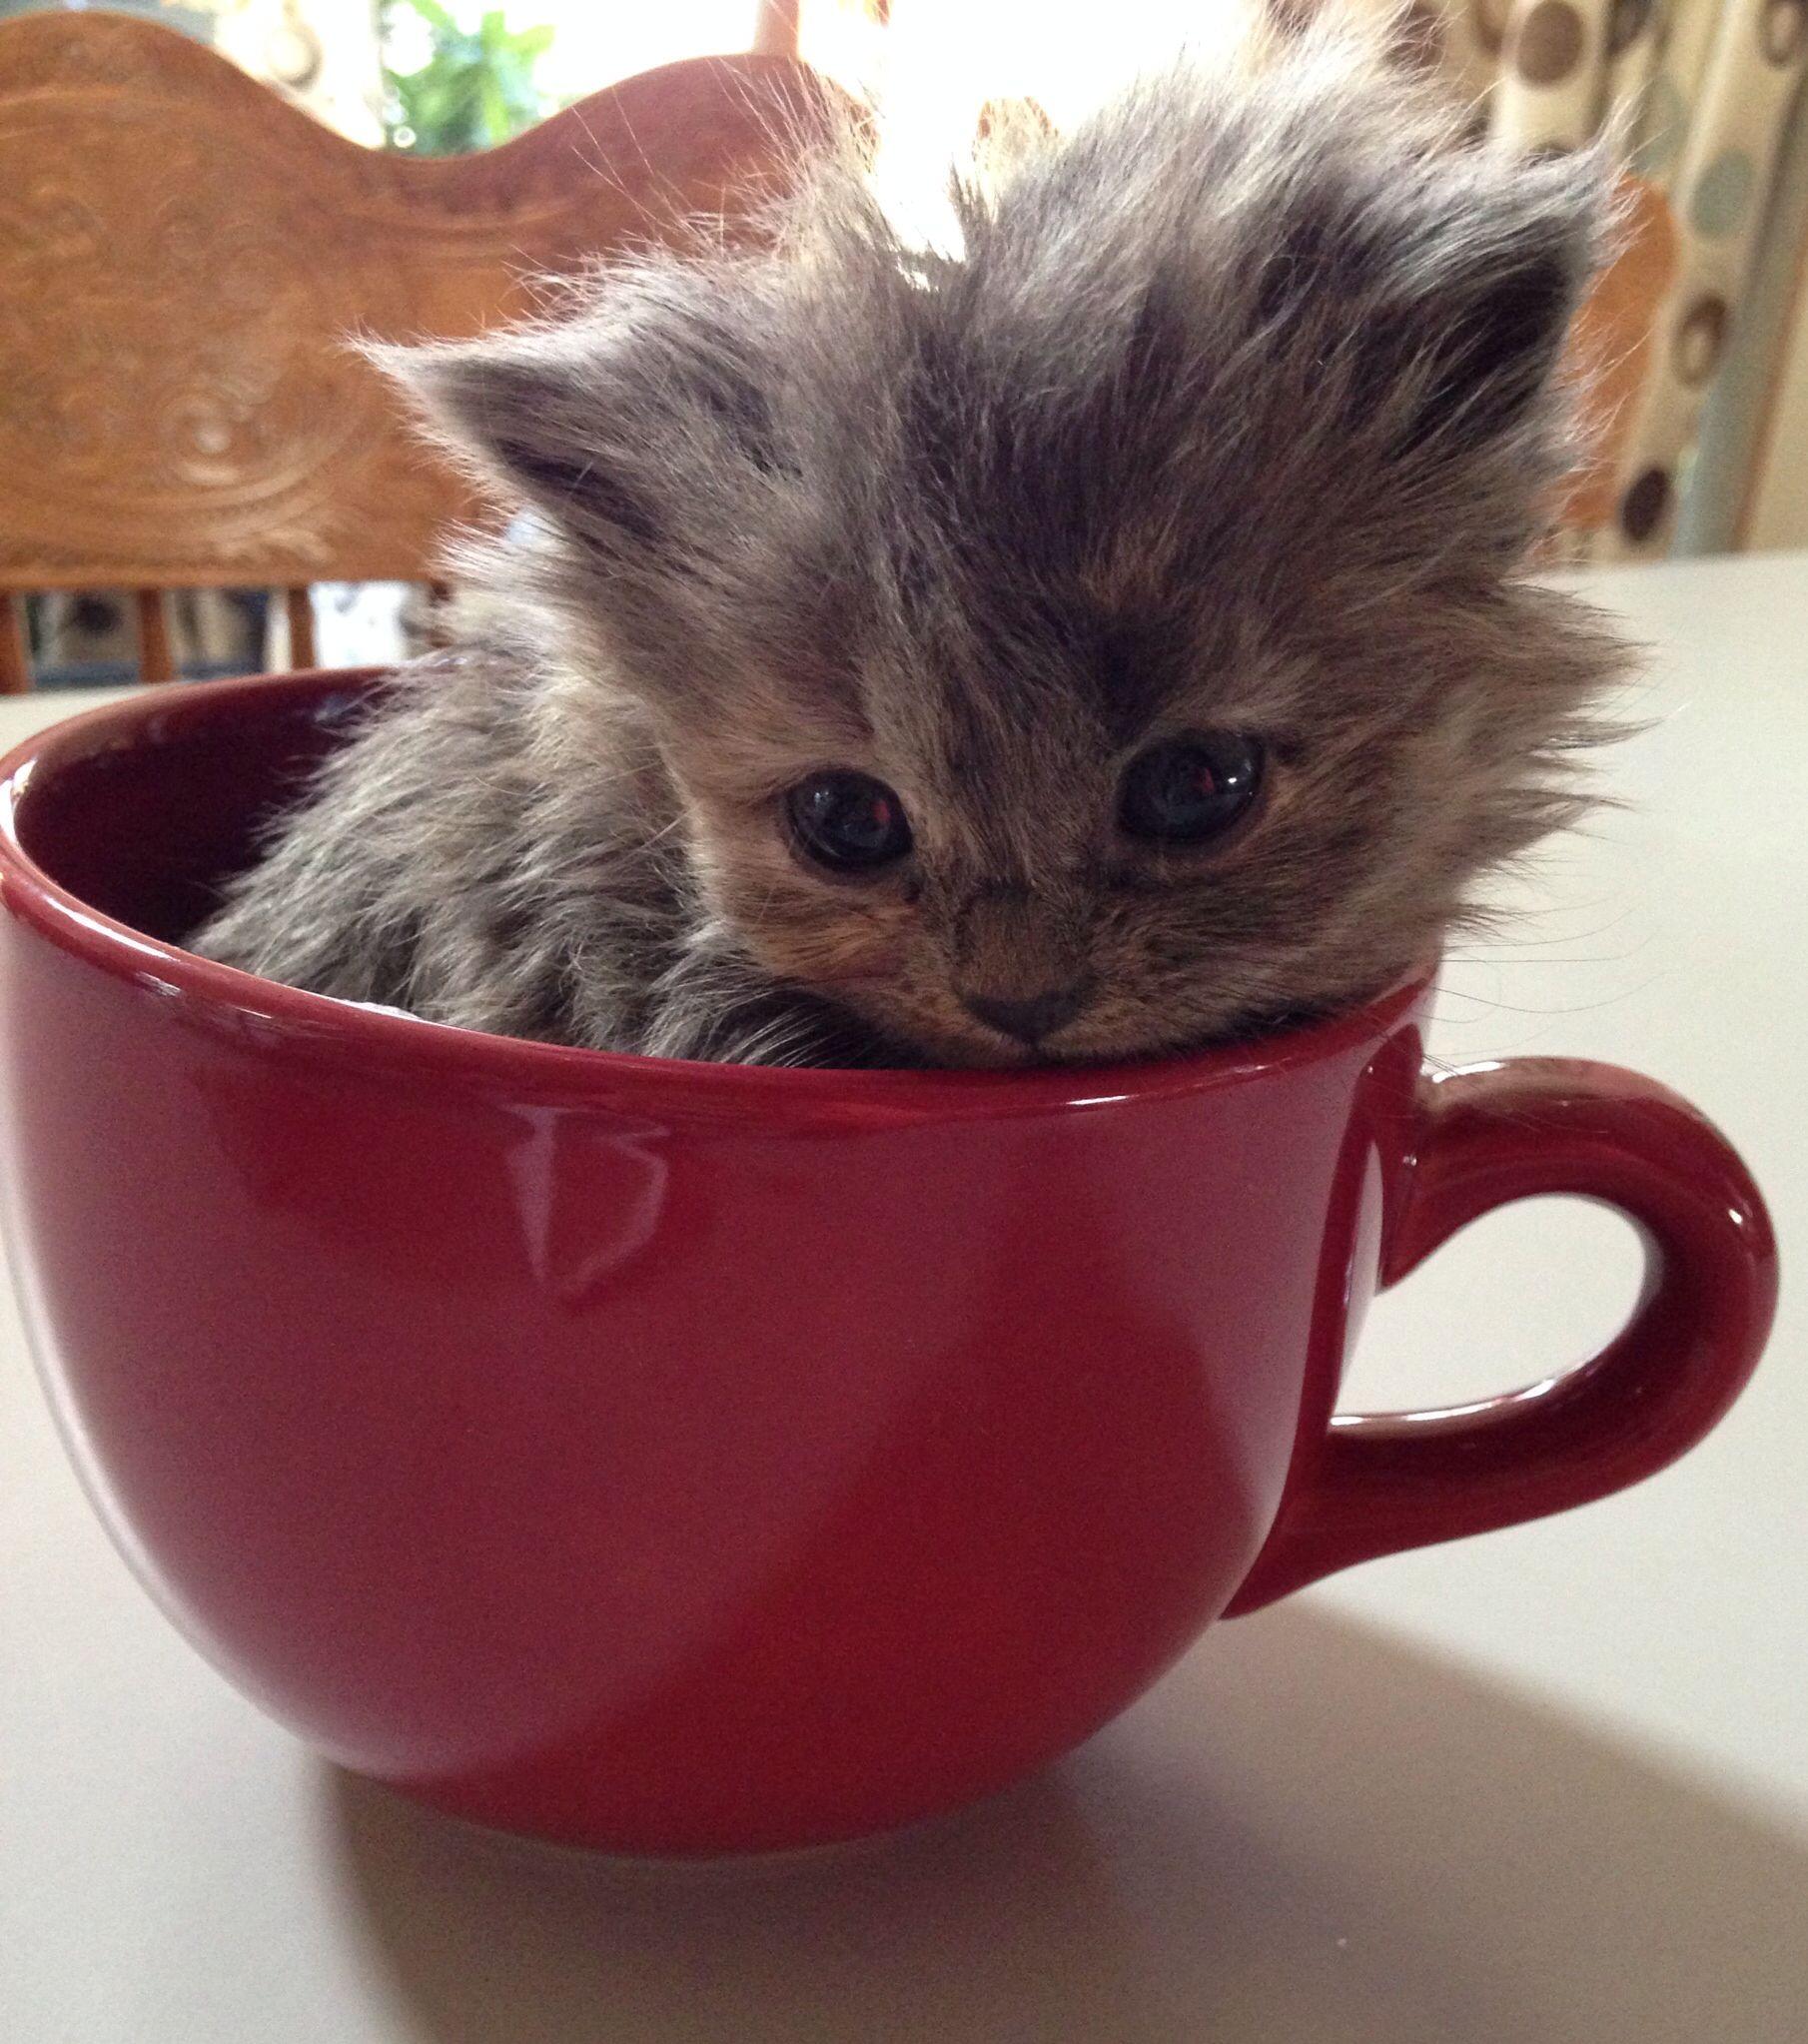 Dior teacup kitten mini animals Pinterest